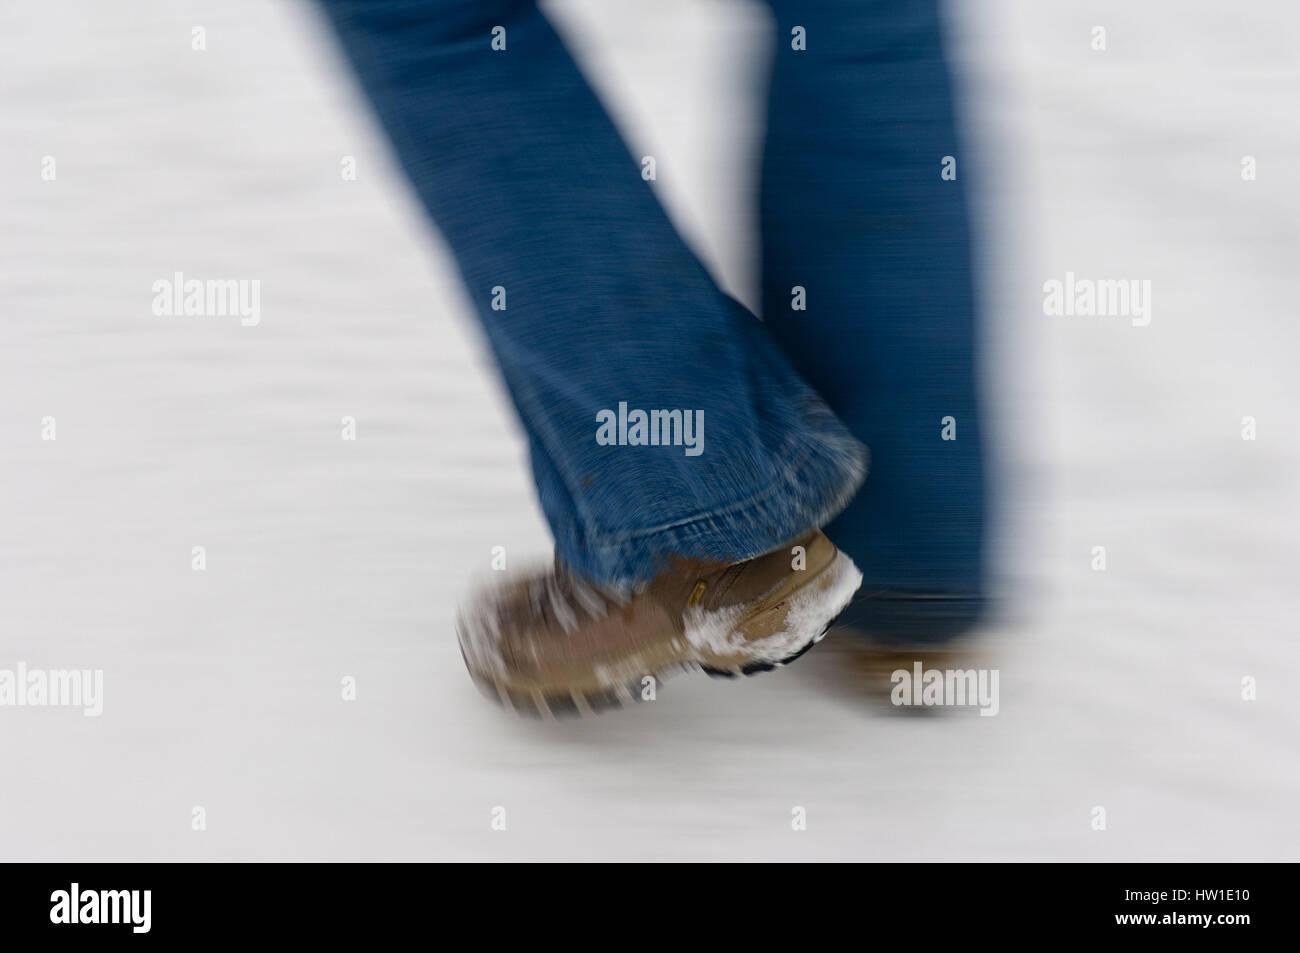 Walking in winter, Wandern im Winter - Stock Image